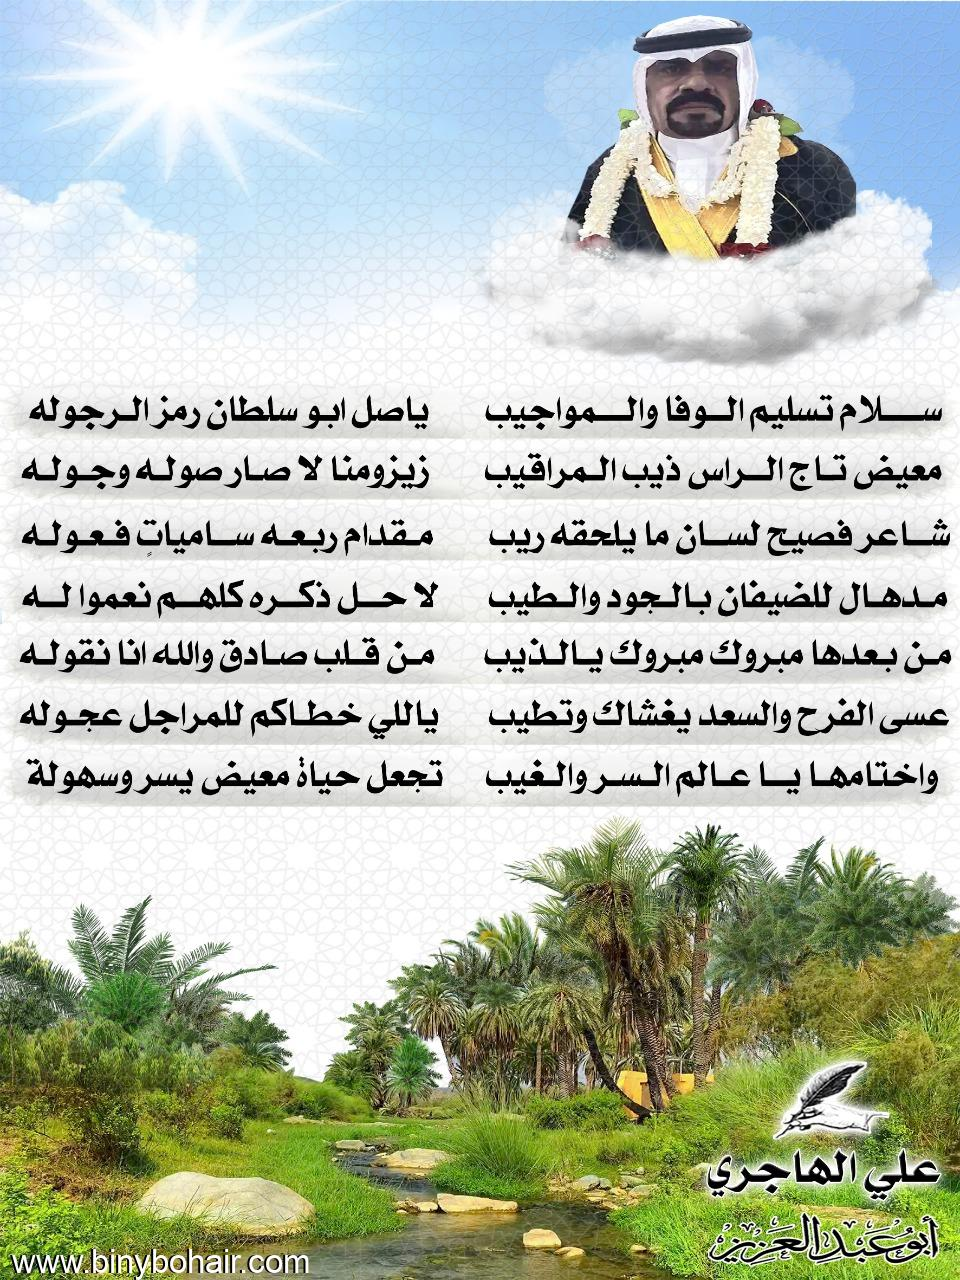 """قصيدة مهداة الشاعر """" الهاجري"""" cxp73104.jpeg"""